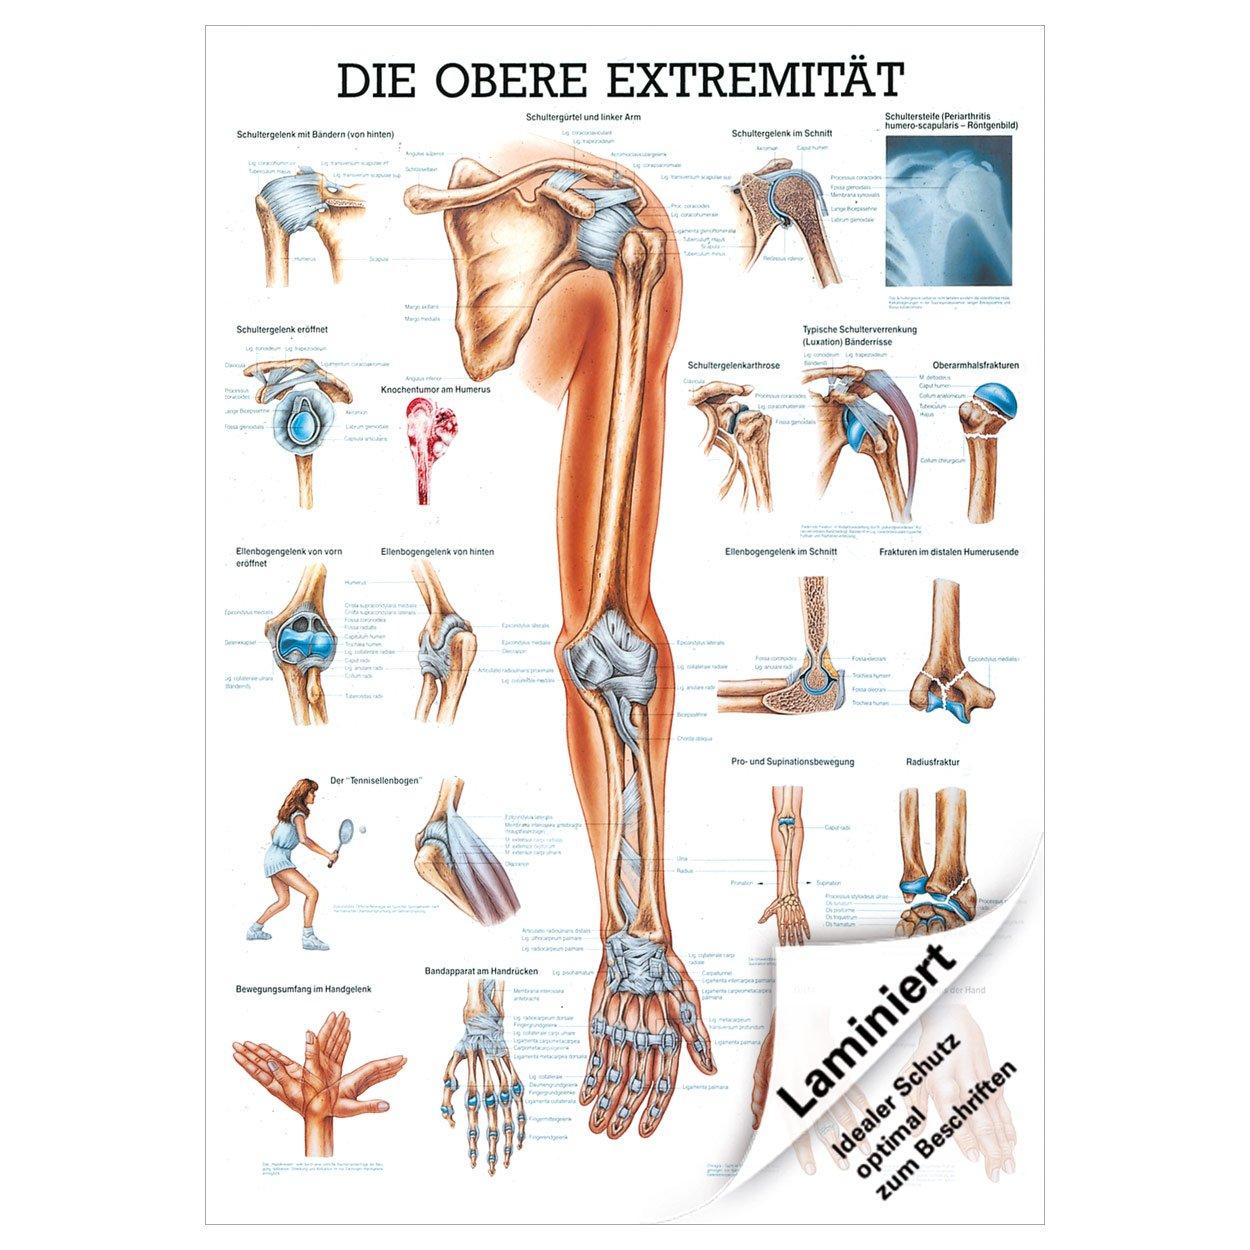 Nett Venenanatomie Obere Extremität Ultraschall Bilder - Anatomie ...